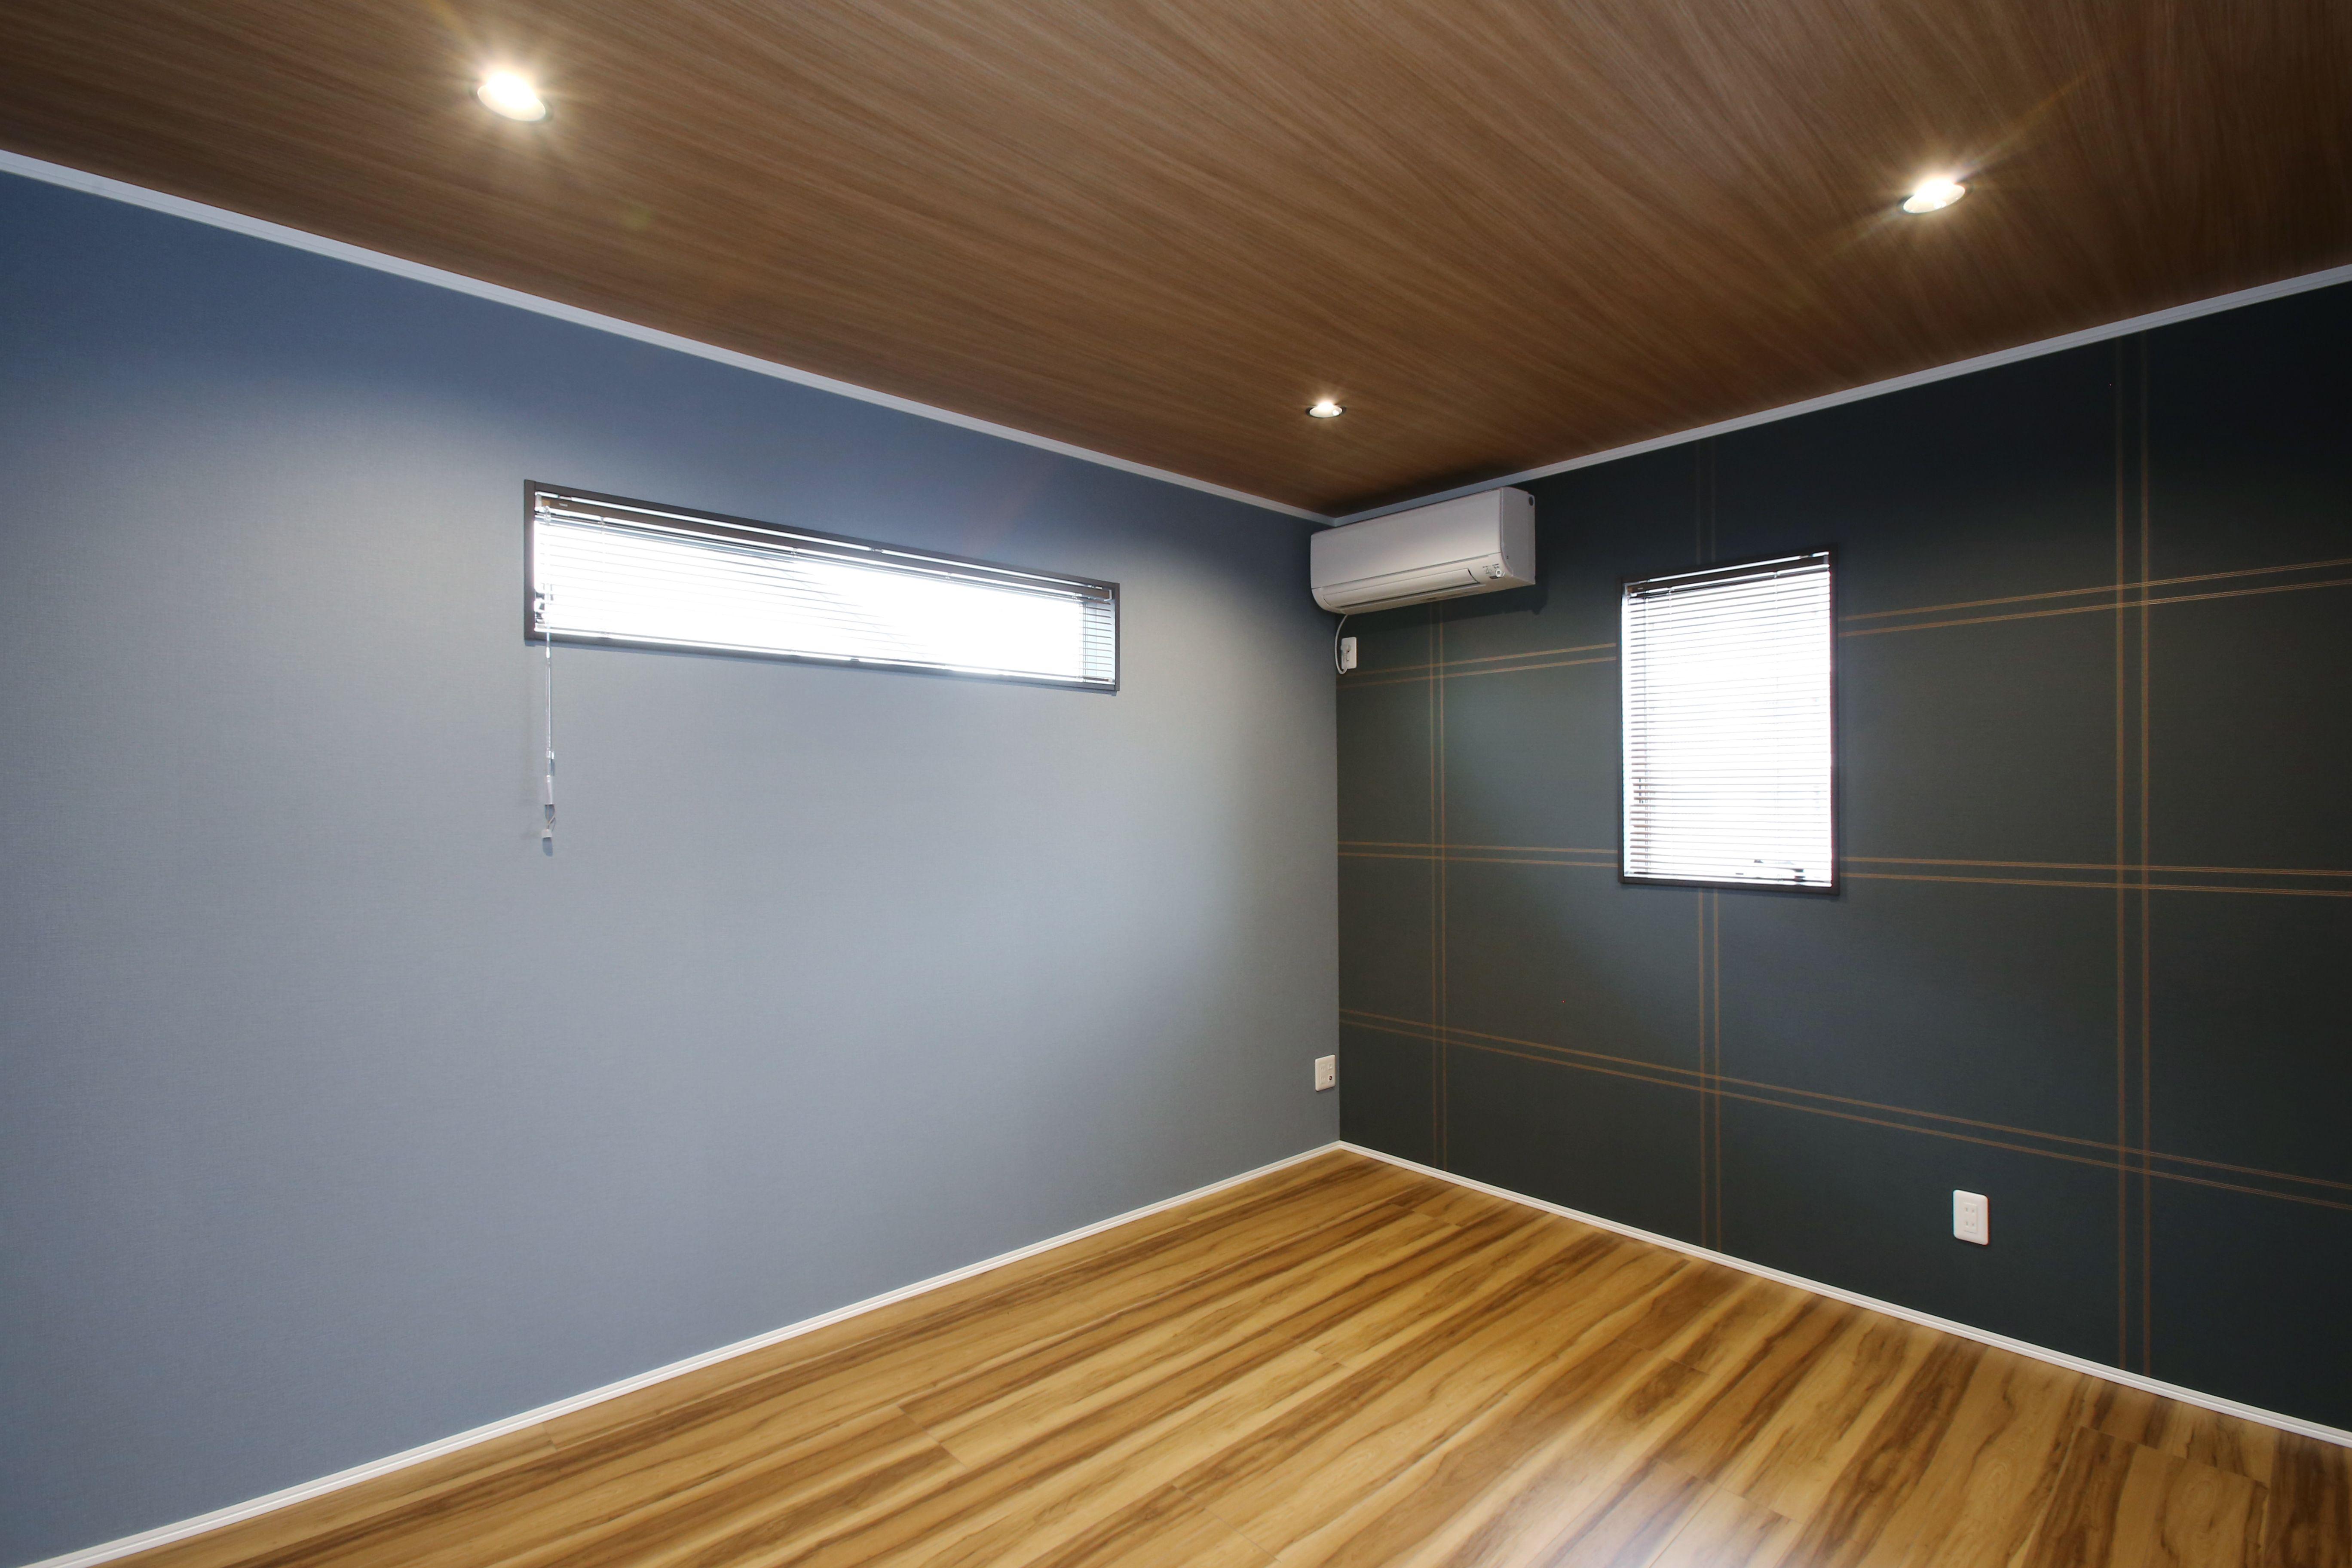 壁紙 天井クロスの組み合わせにもこだわったおしゃれな寝室 インテリア 内装 洋室 ダウンライト